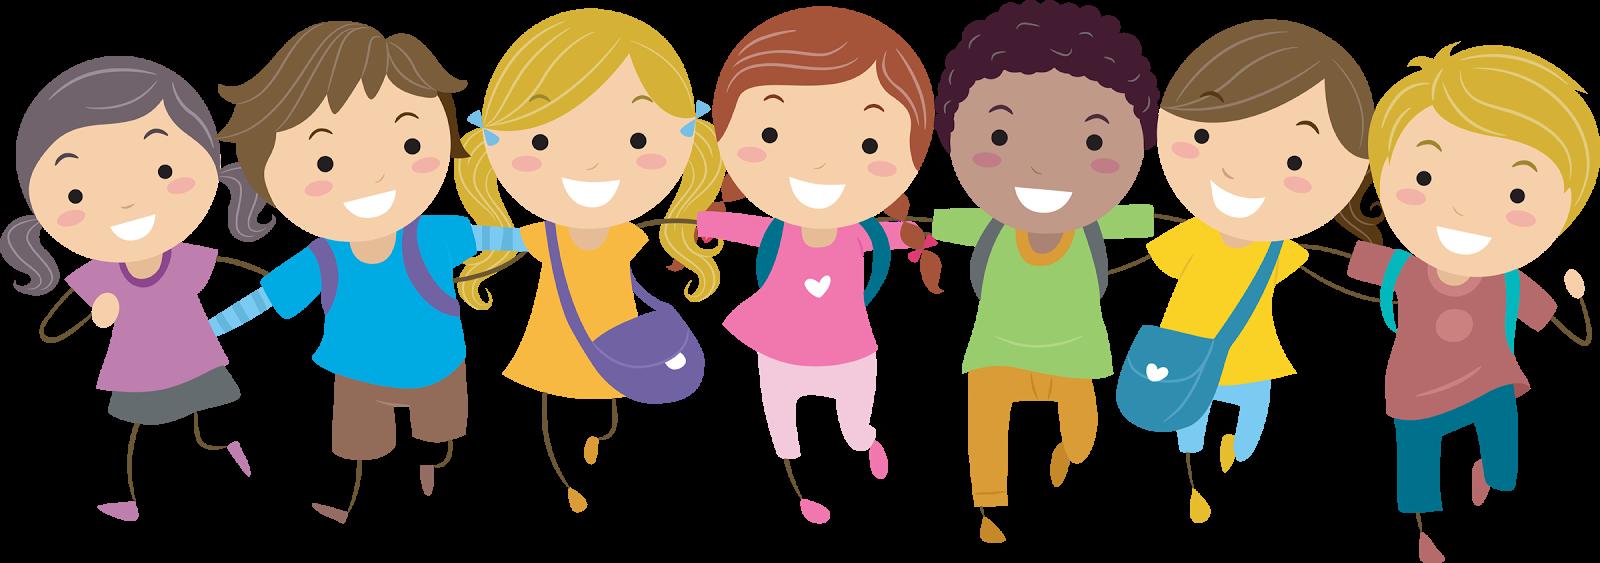 Poziv za volontiranje: Mentorski program za socijalno uključivanje djece u riziku